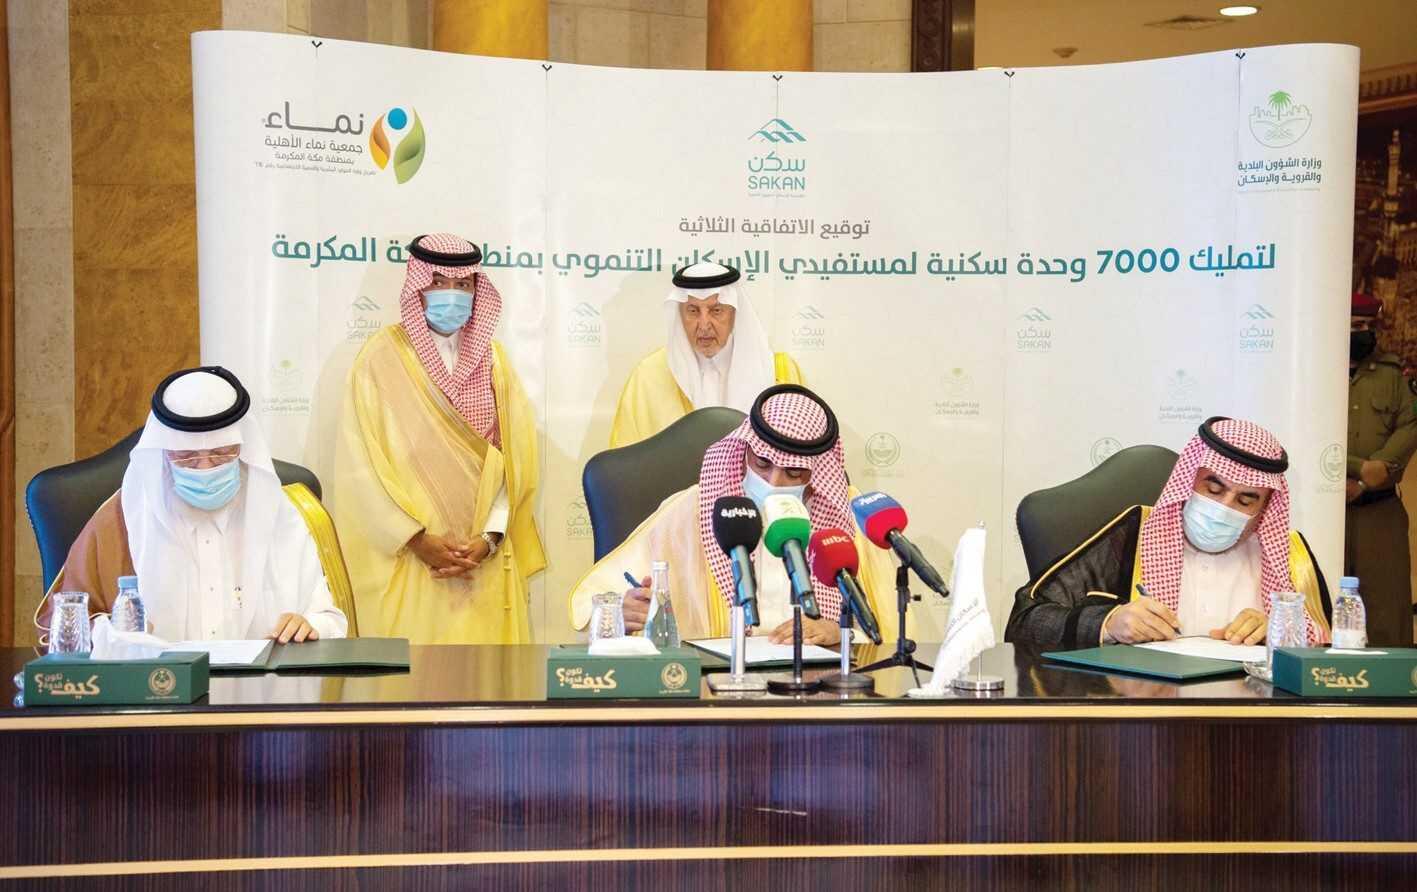 أخبار السعودية الفيصل